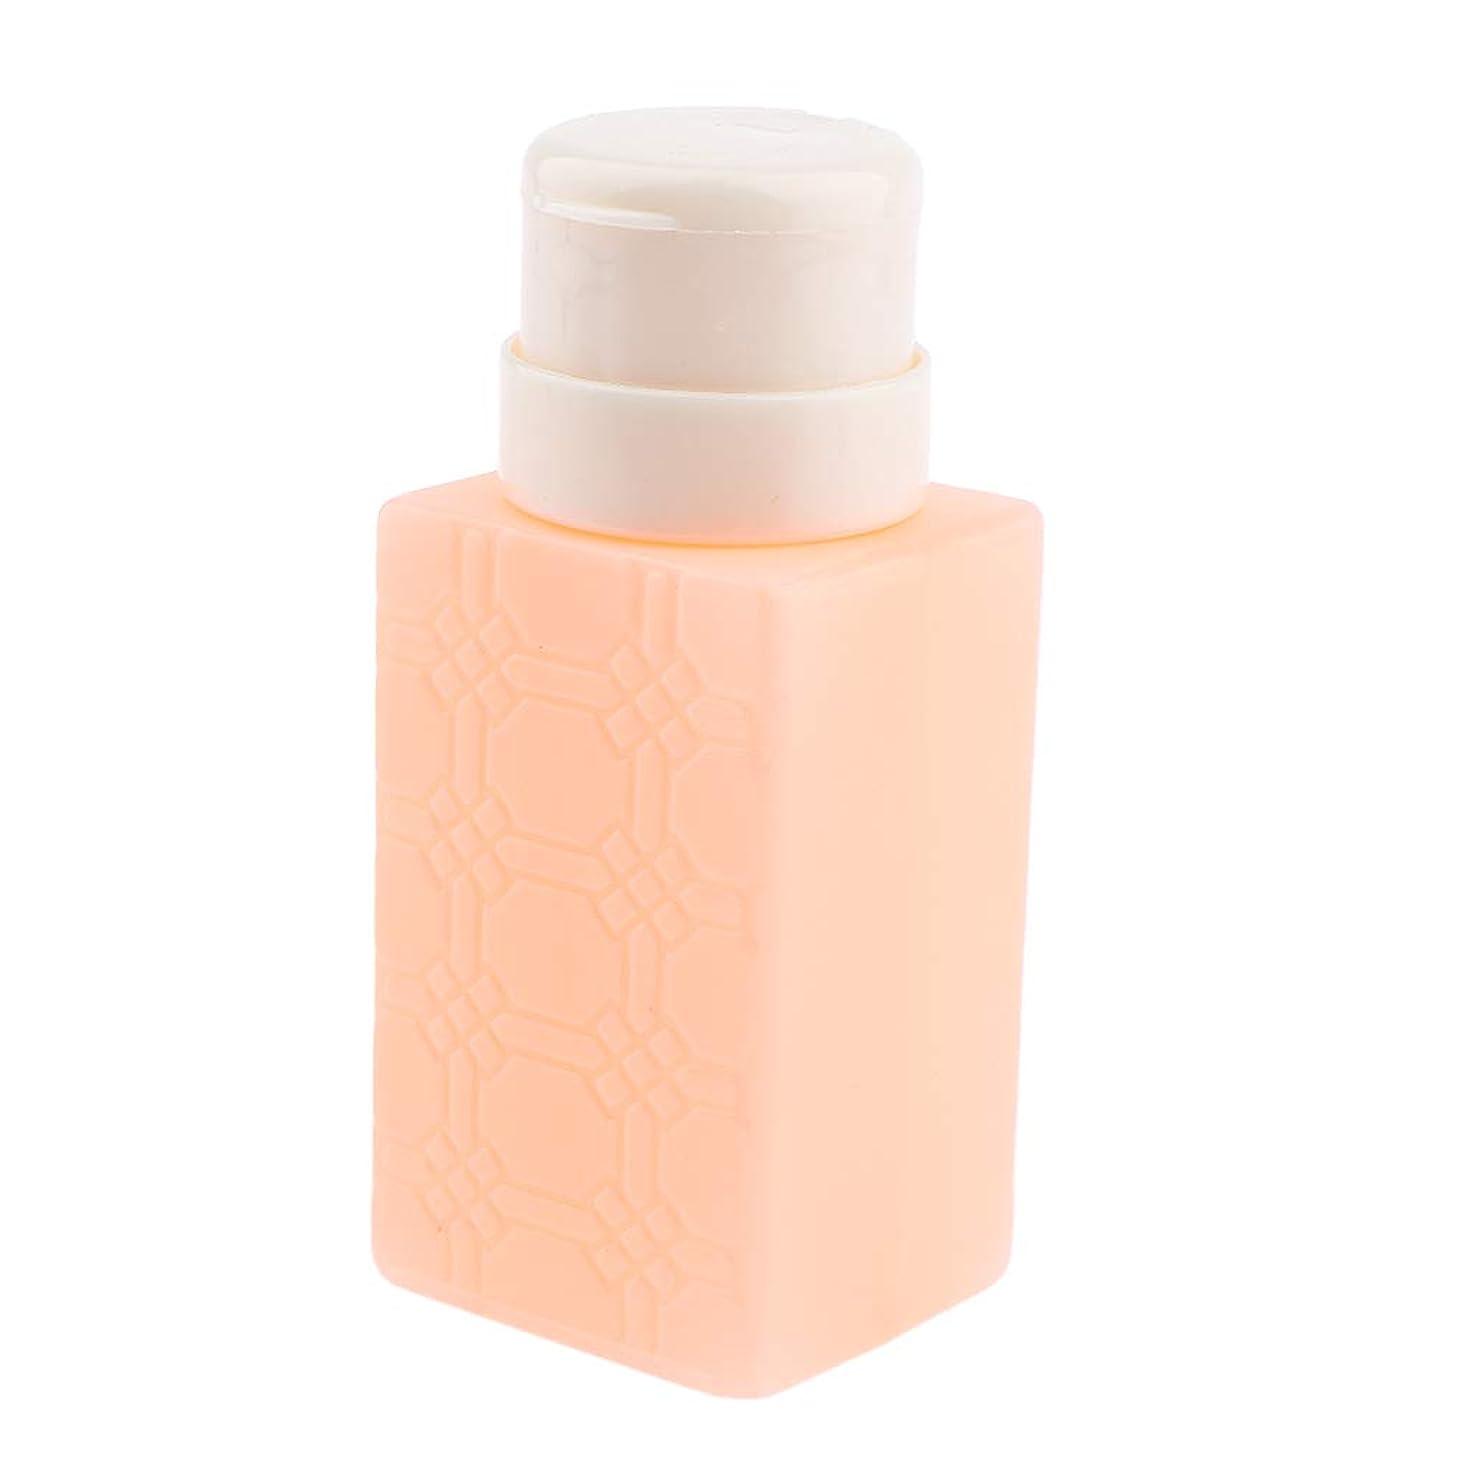 北へ販売員数F Fityle ネイルアート ディスペンサー アクリルリムーバー ポンプボトル 耐久性 4色選べ - オレンジ